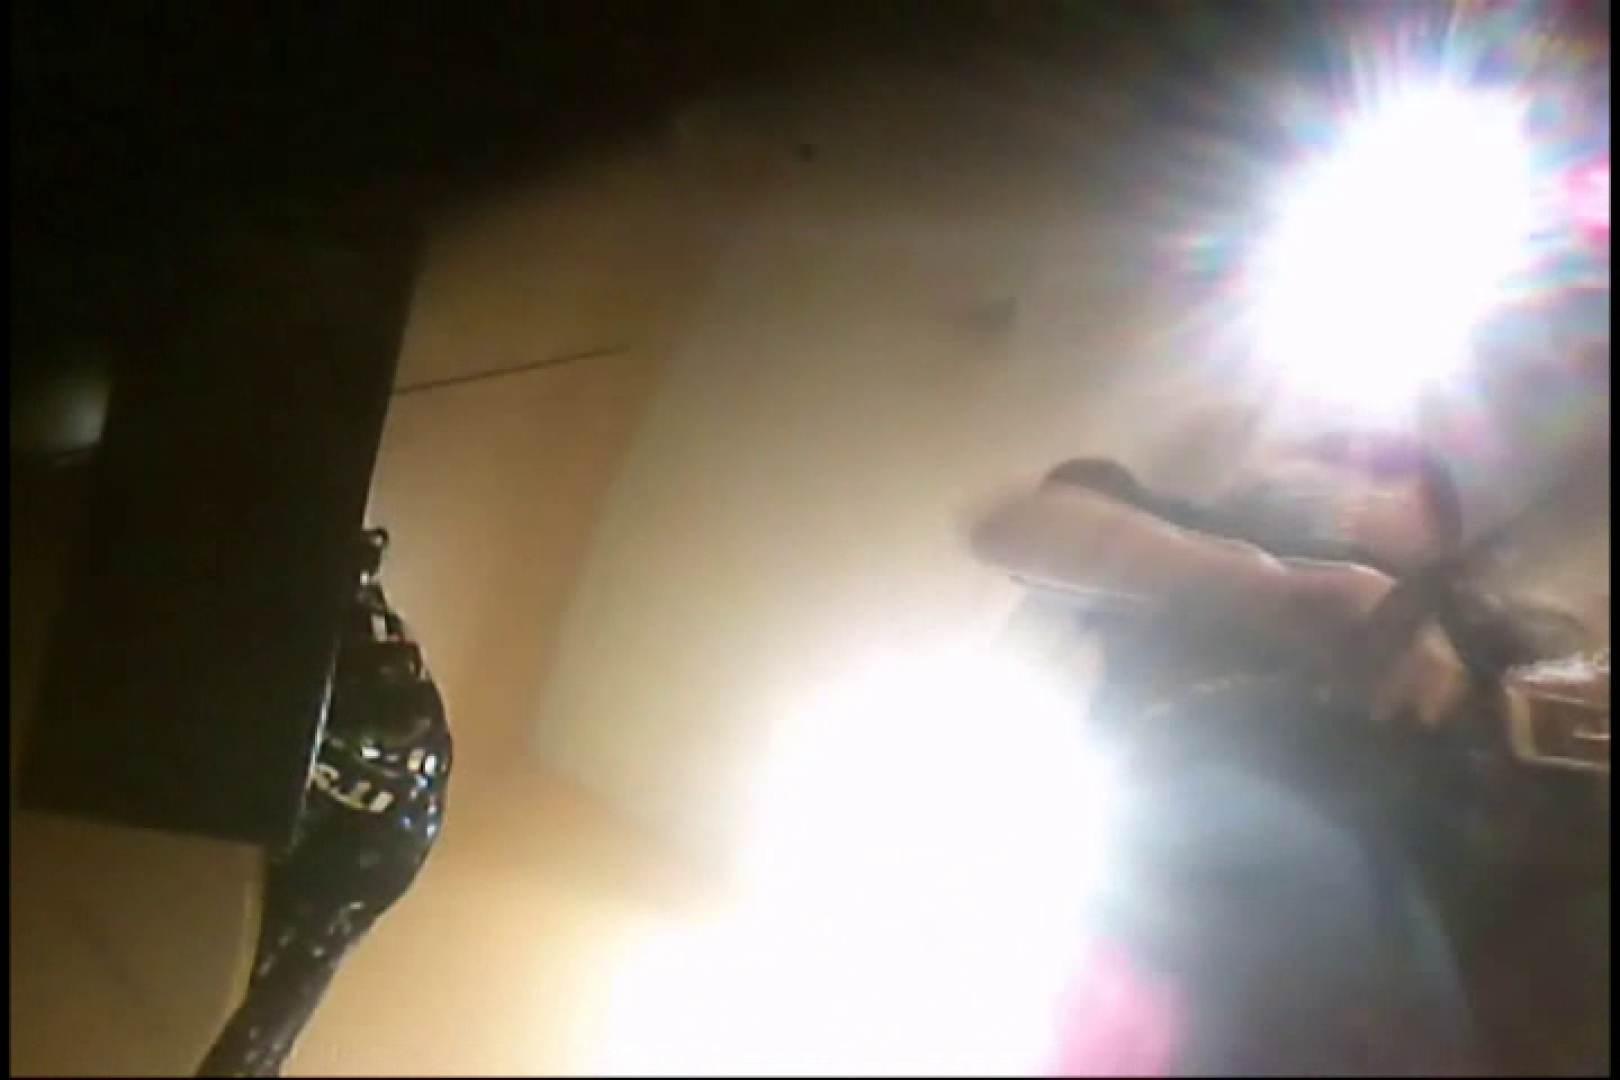 画質向上!新亀さん厠 vol.60 OLセックス 盗撮オマンコ無修正動画無料 66画像 26